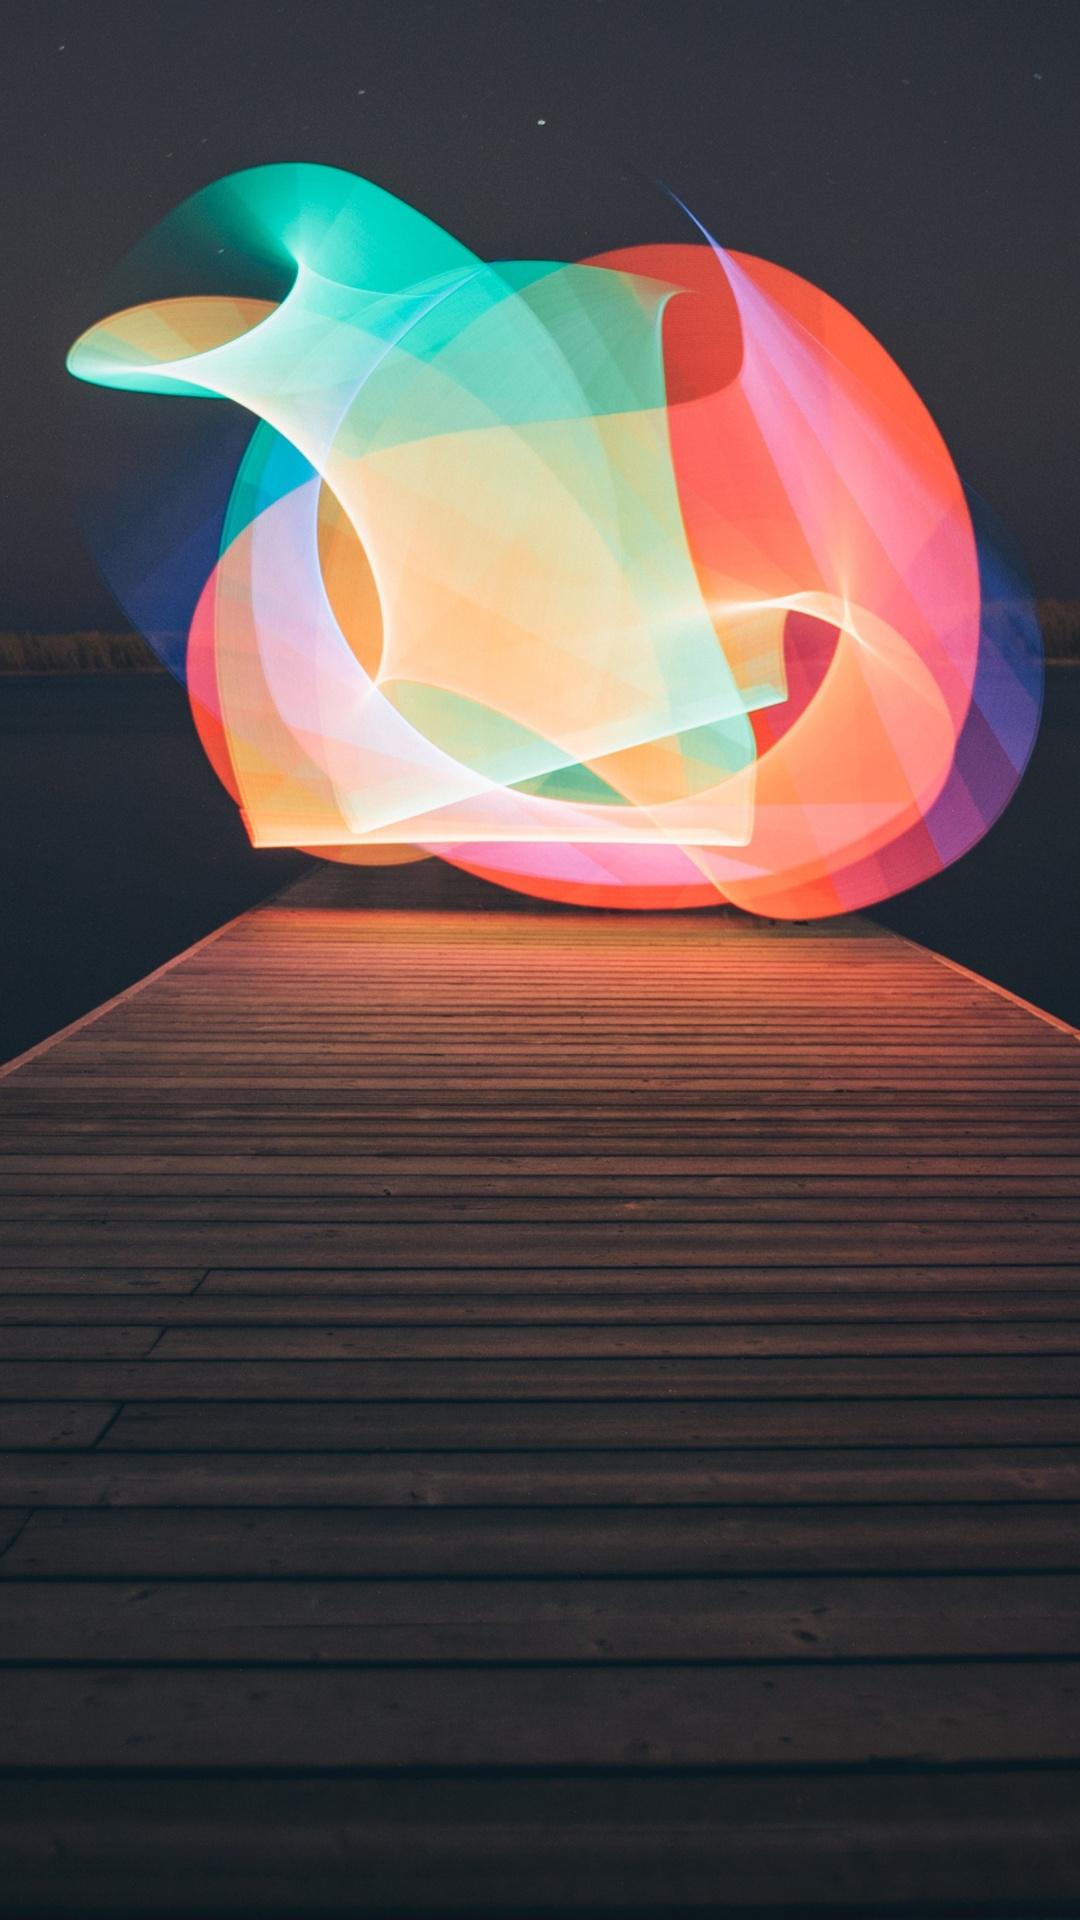 Light iPhone wallpaper